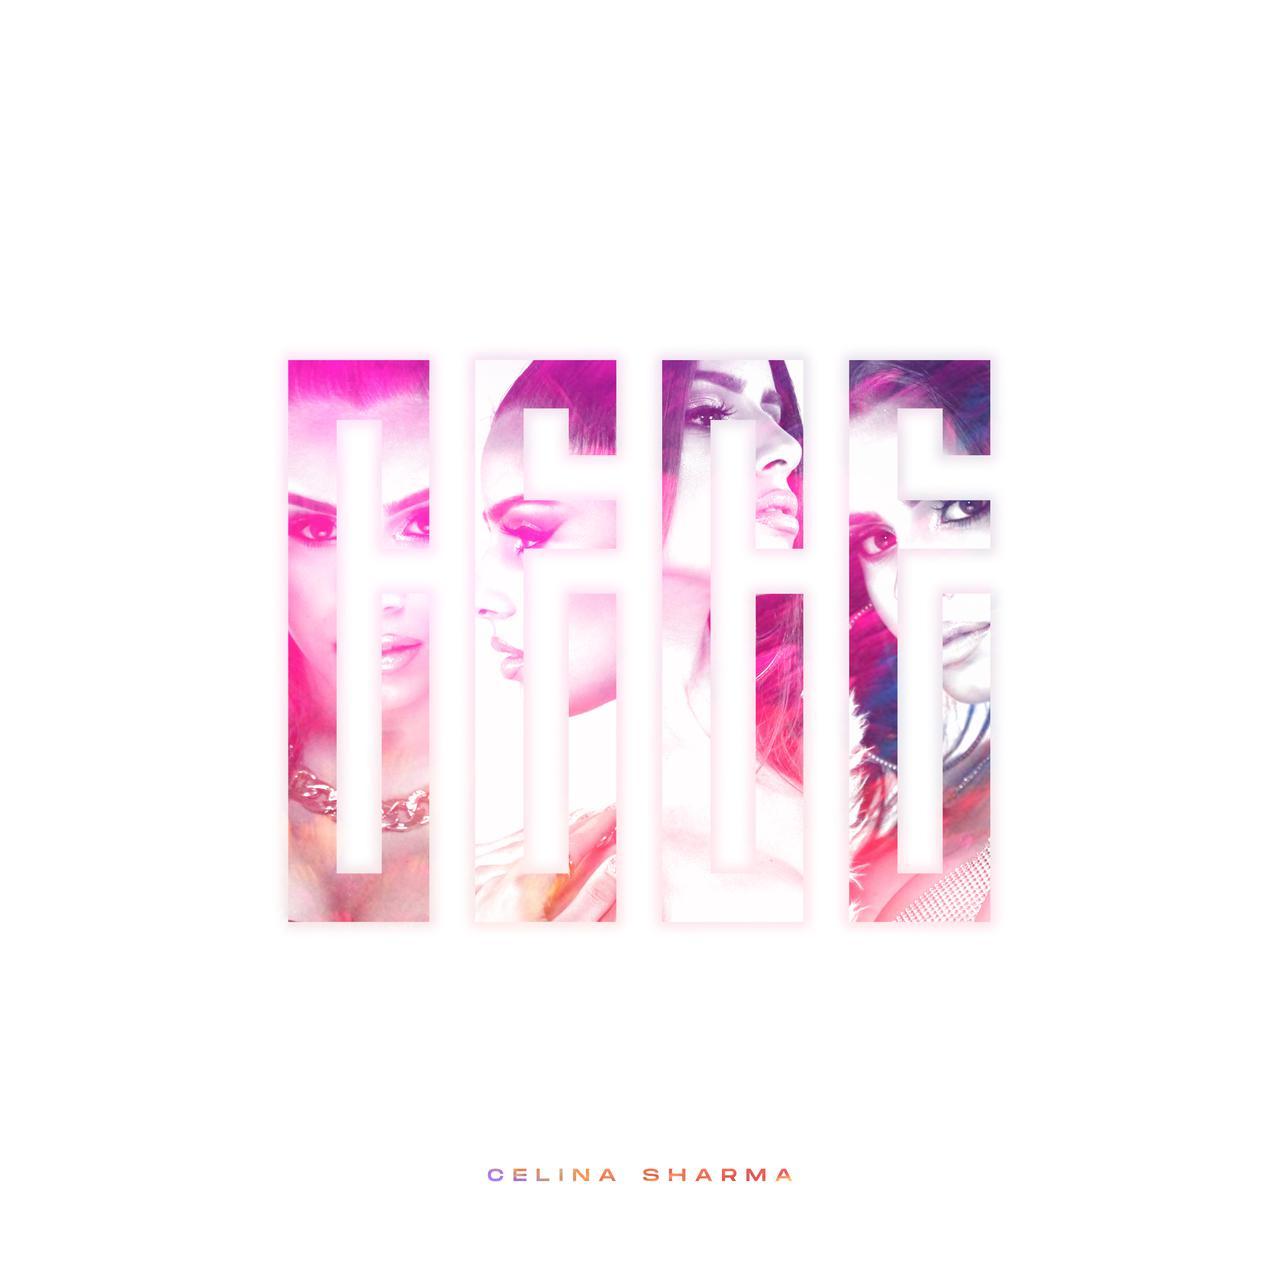 画像1: セリーナ・シャーマがデビューEP『シーシー』をリリース